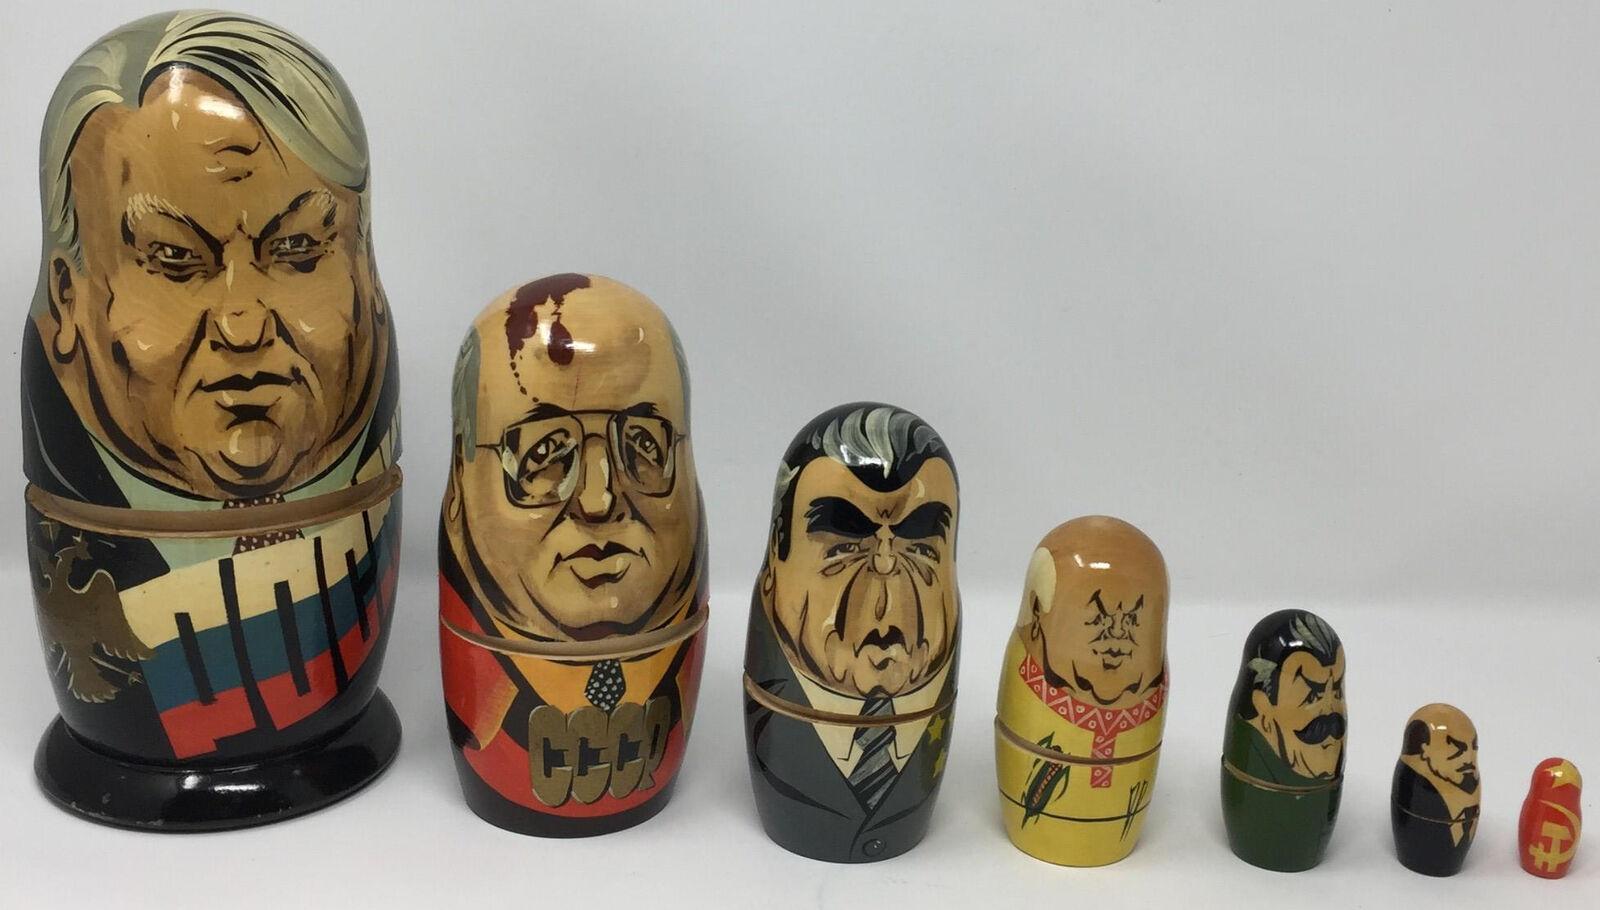 VTG Russian Set of 7 Matryoshka Nesting Dolls USSR Yeltsin Stalin Khrushchev